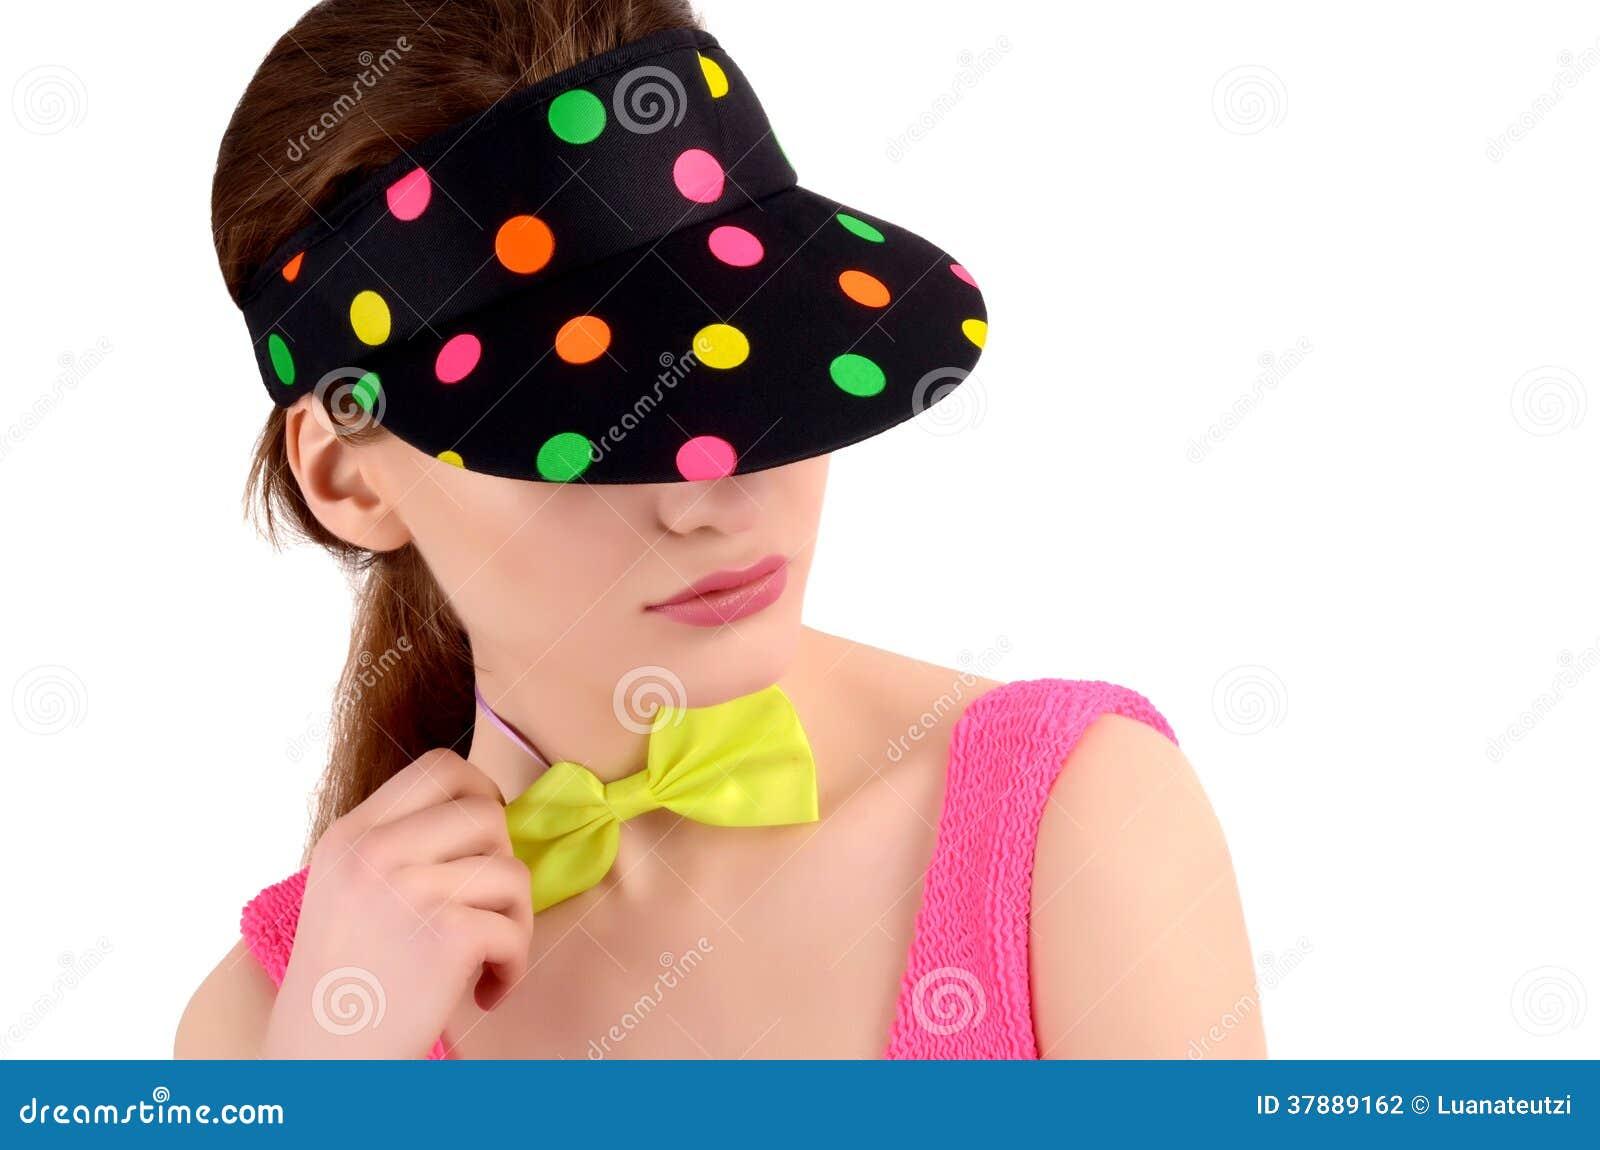 Het portret van een jonge vrouw die een kleurrijke polka draagt stippelde hoed en een neon groene bowtie.